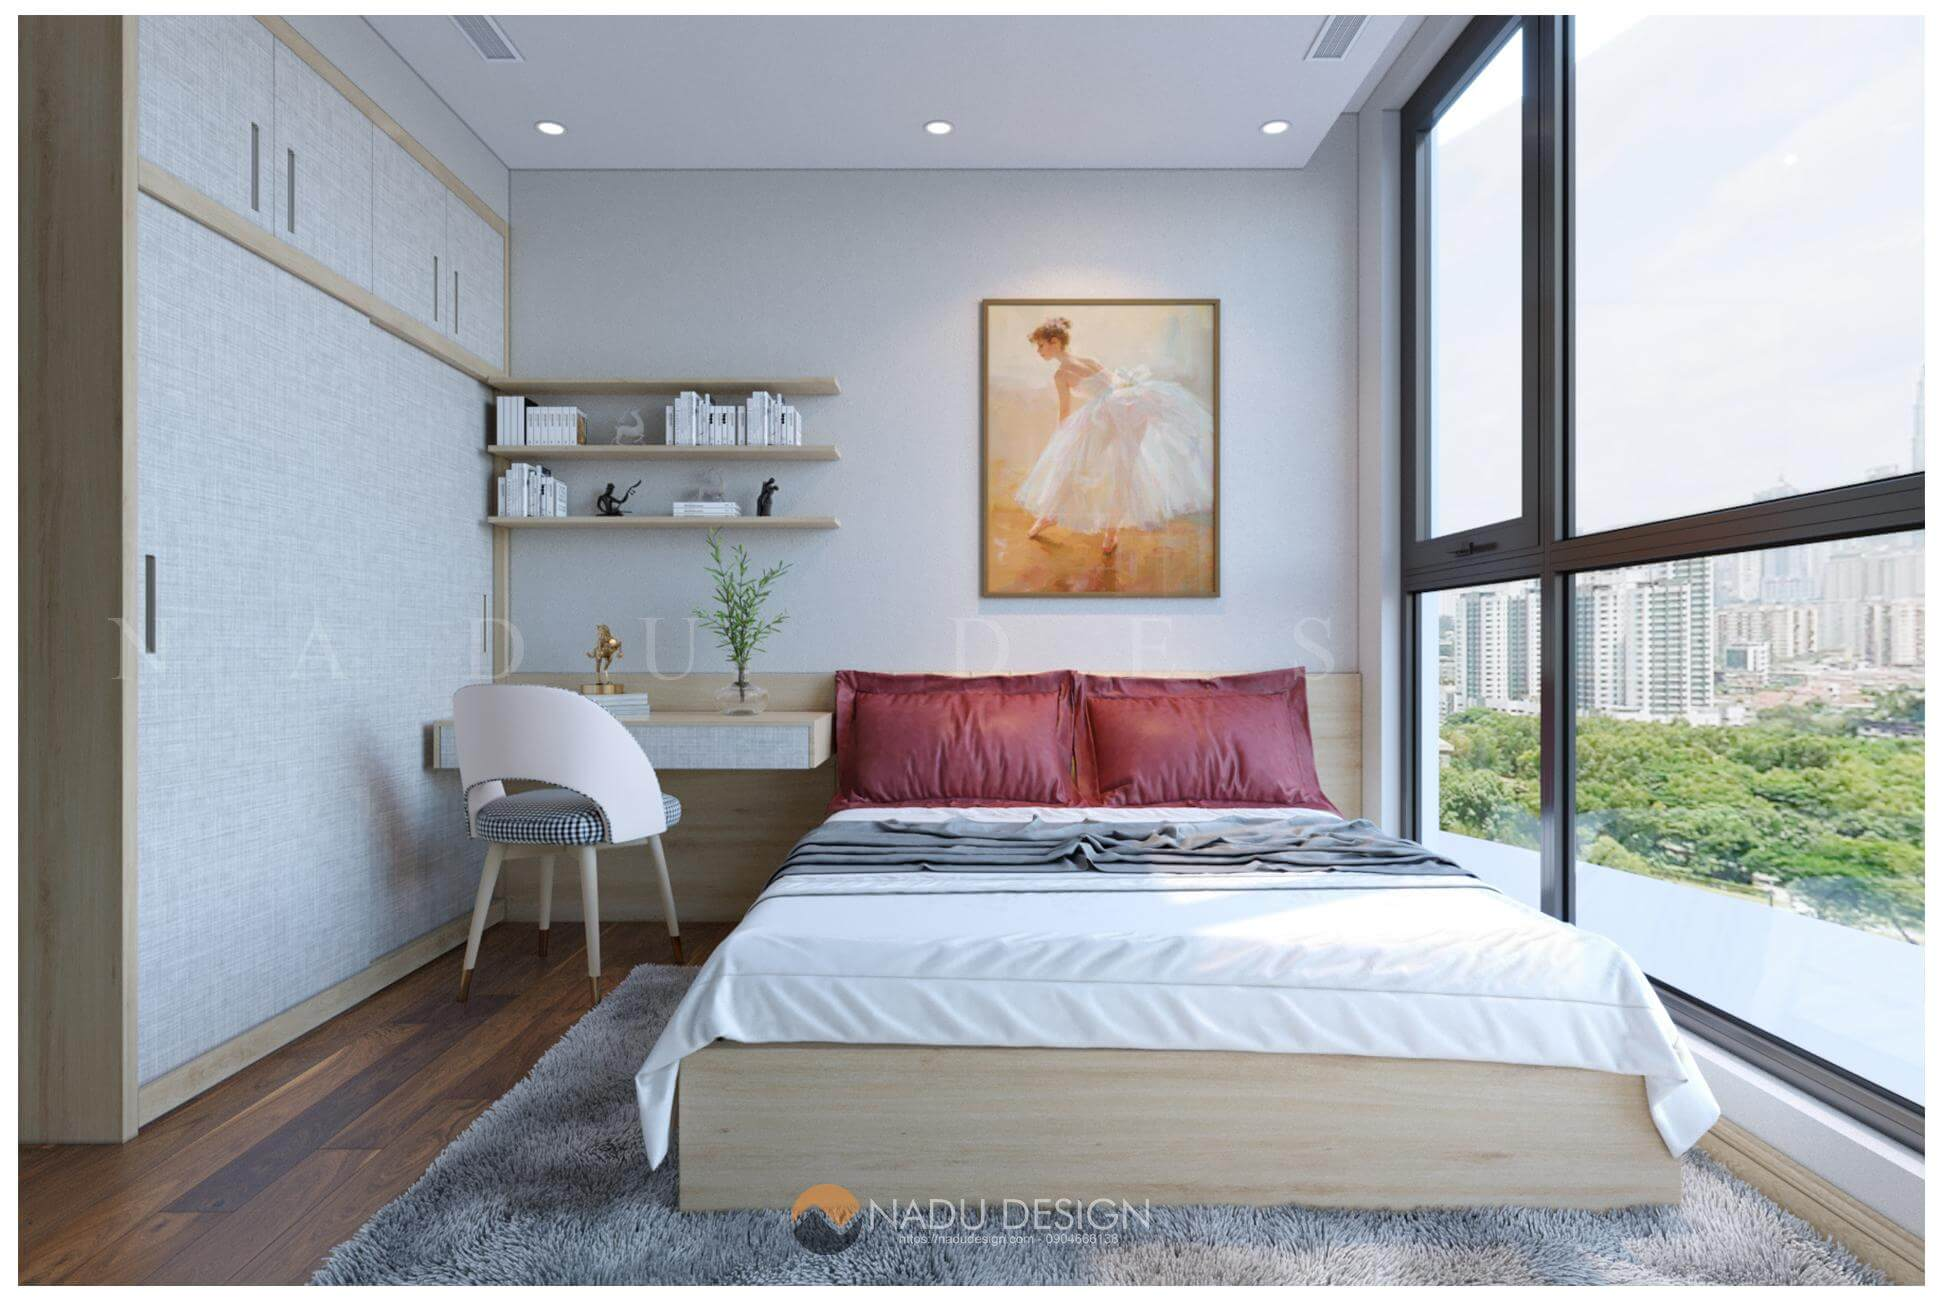 thiết kế nội thất căn hộ Vinhomes West Point nhà chị Huệ phòng ngủ master 10